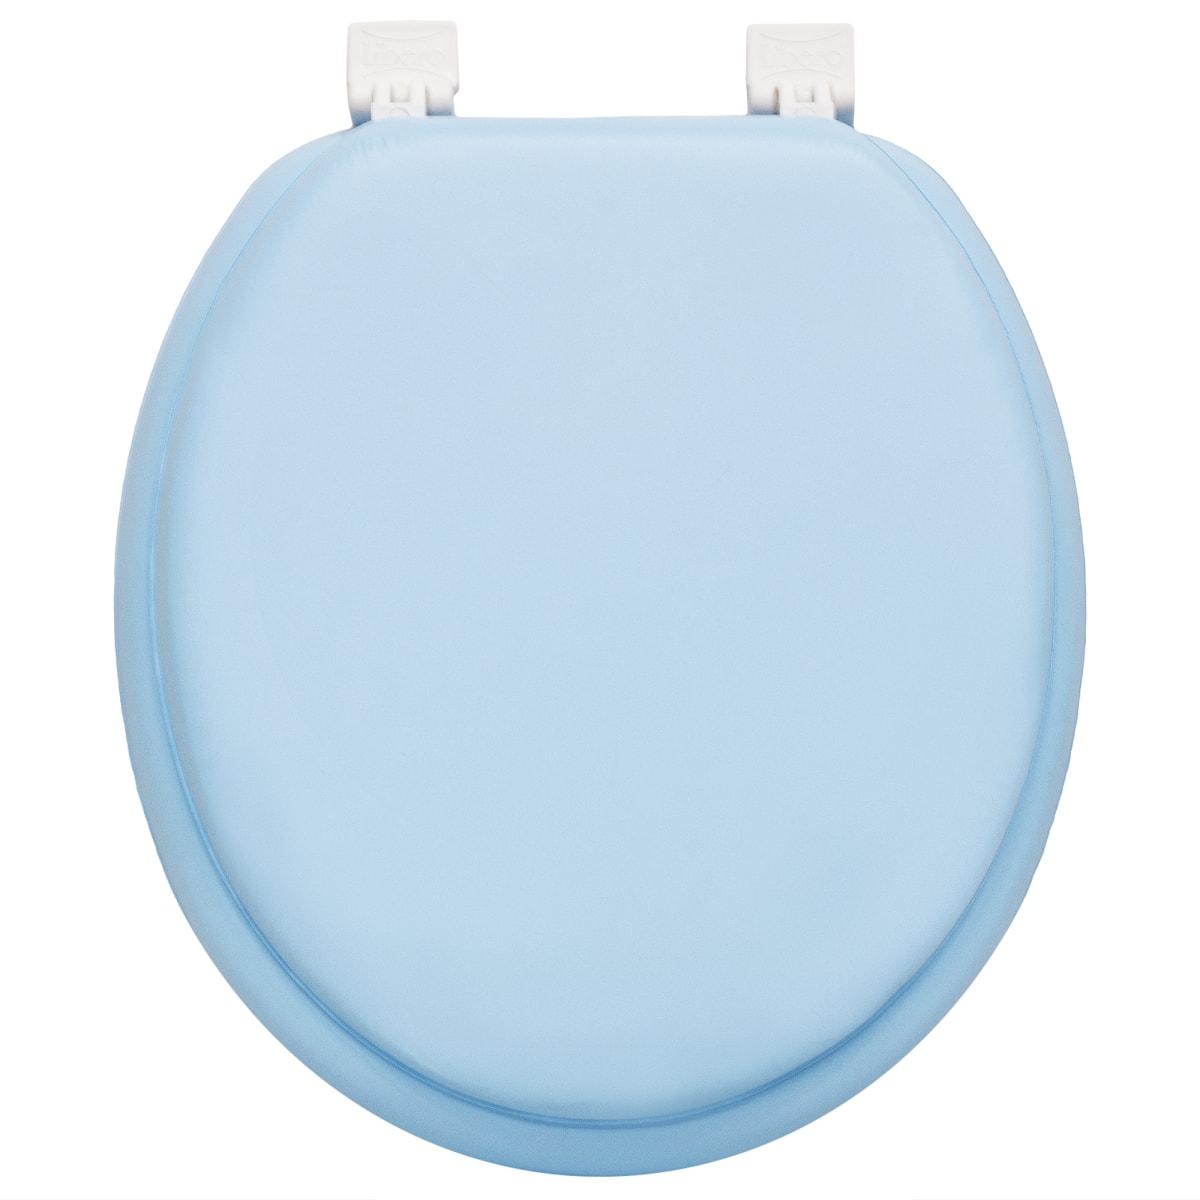 Сиденье для унитаза мягкое, цвет голубый